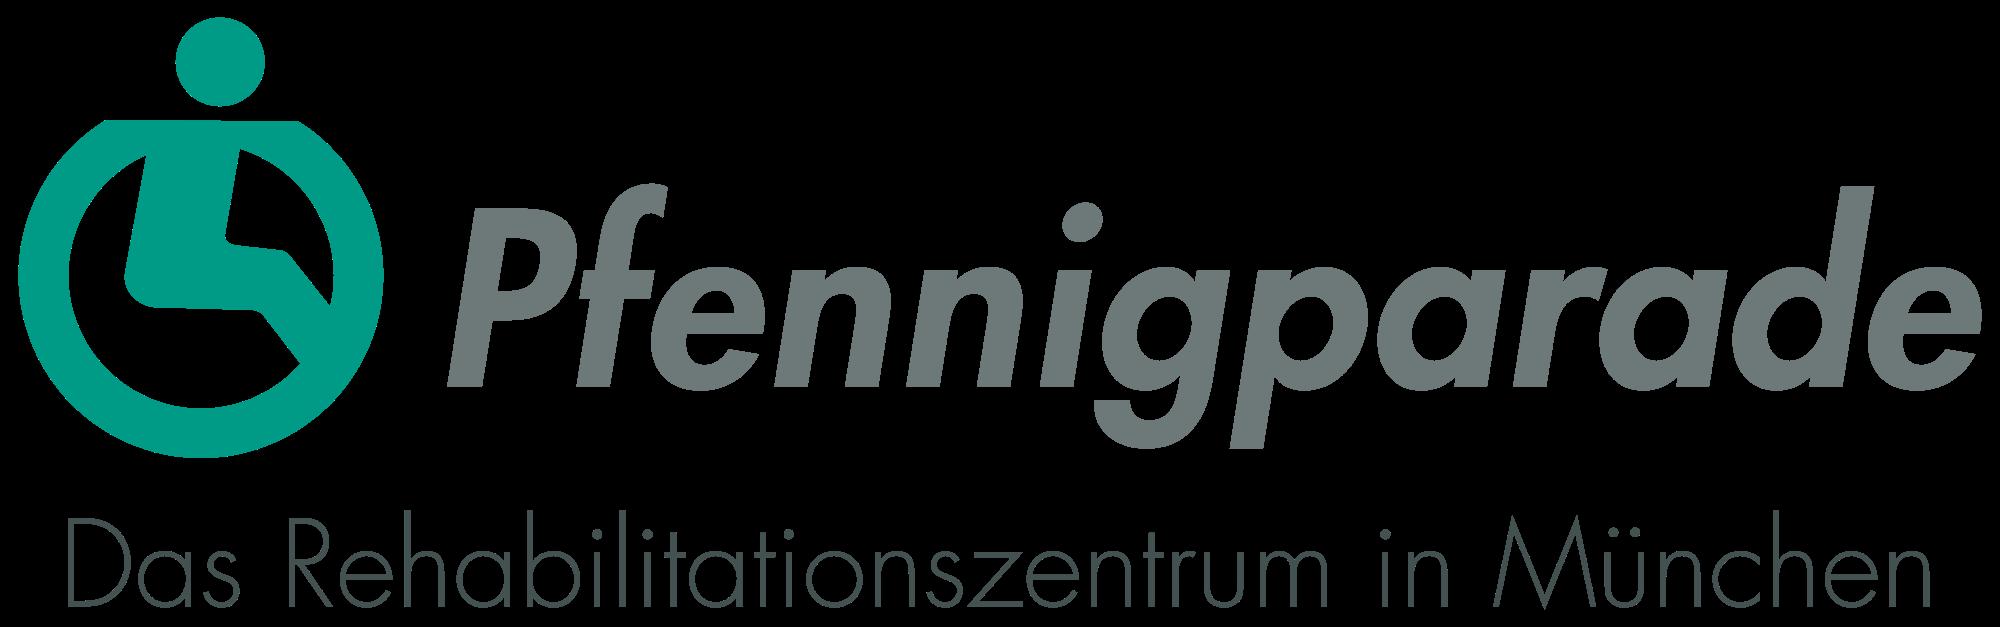 Pfennigparade Rehabilitationszentrum München